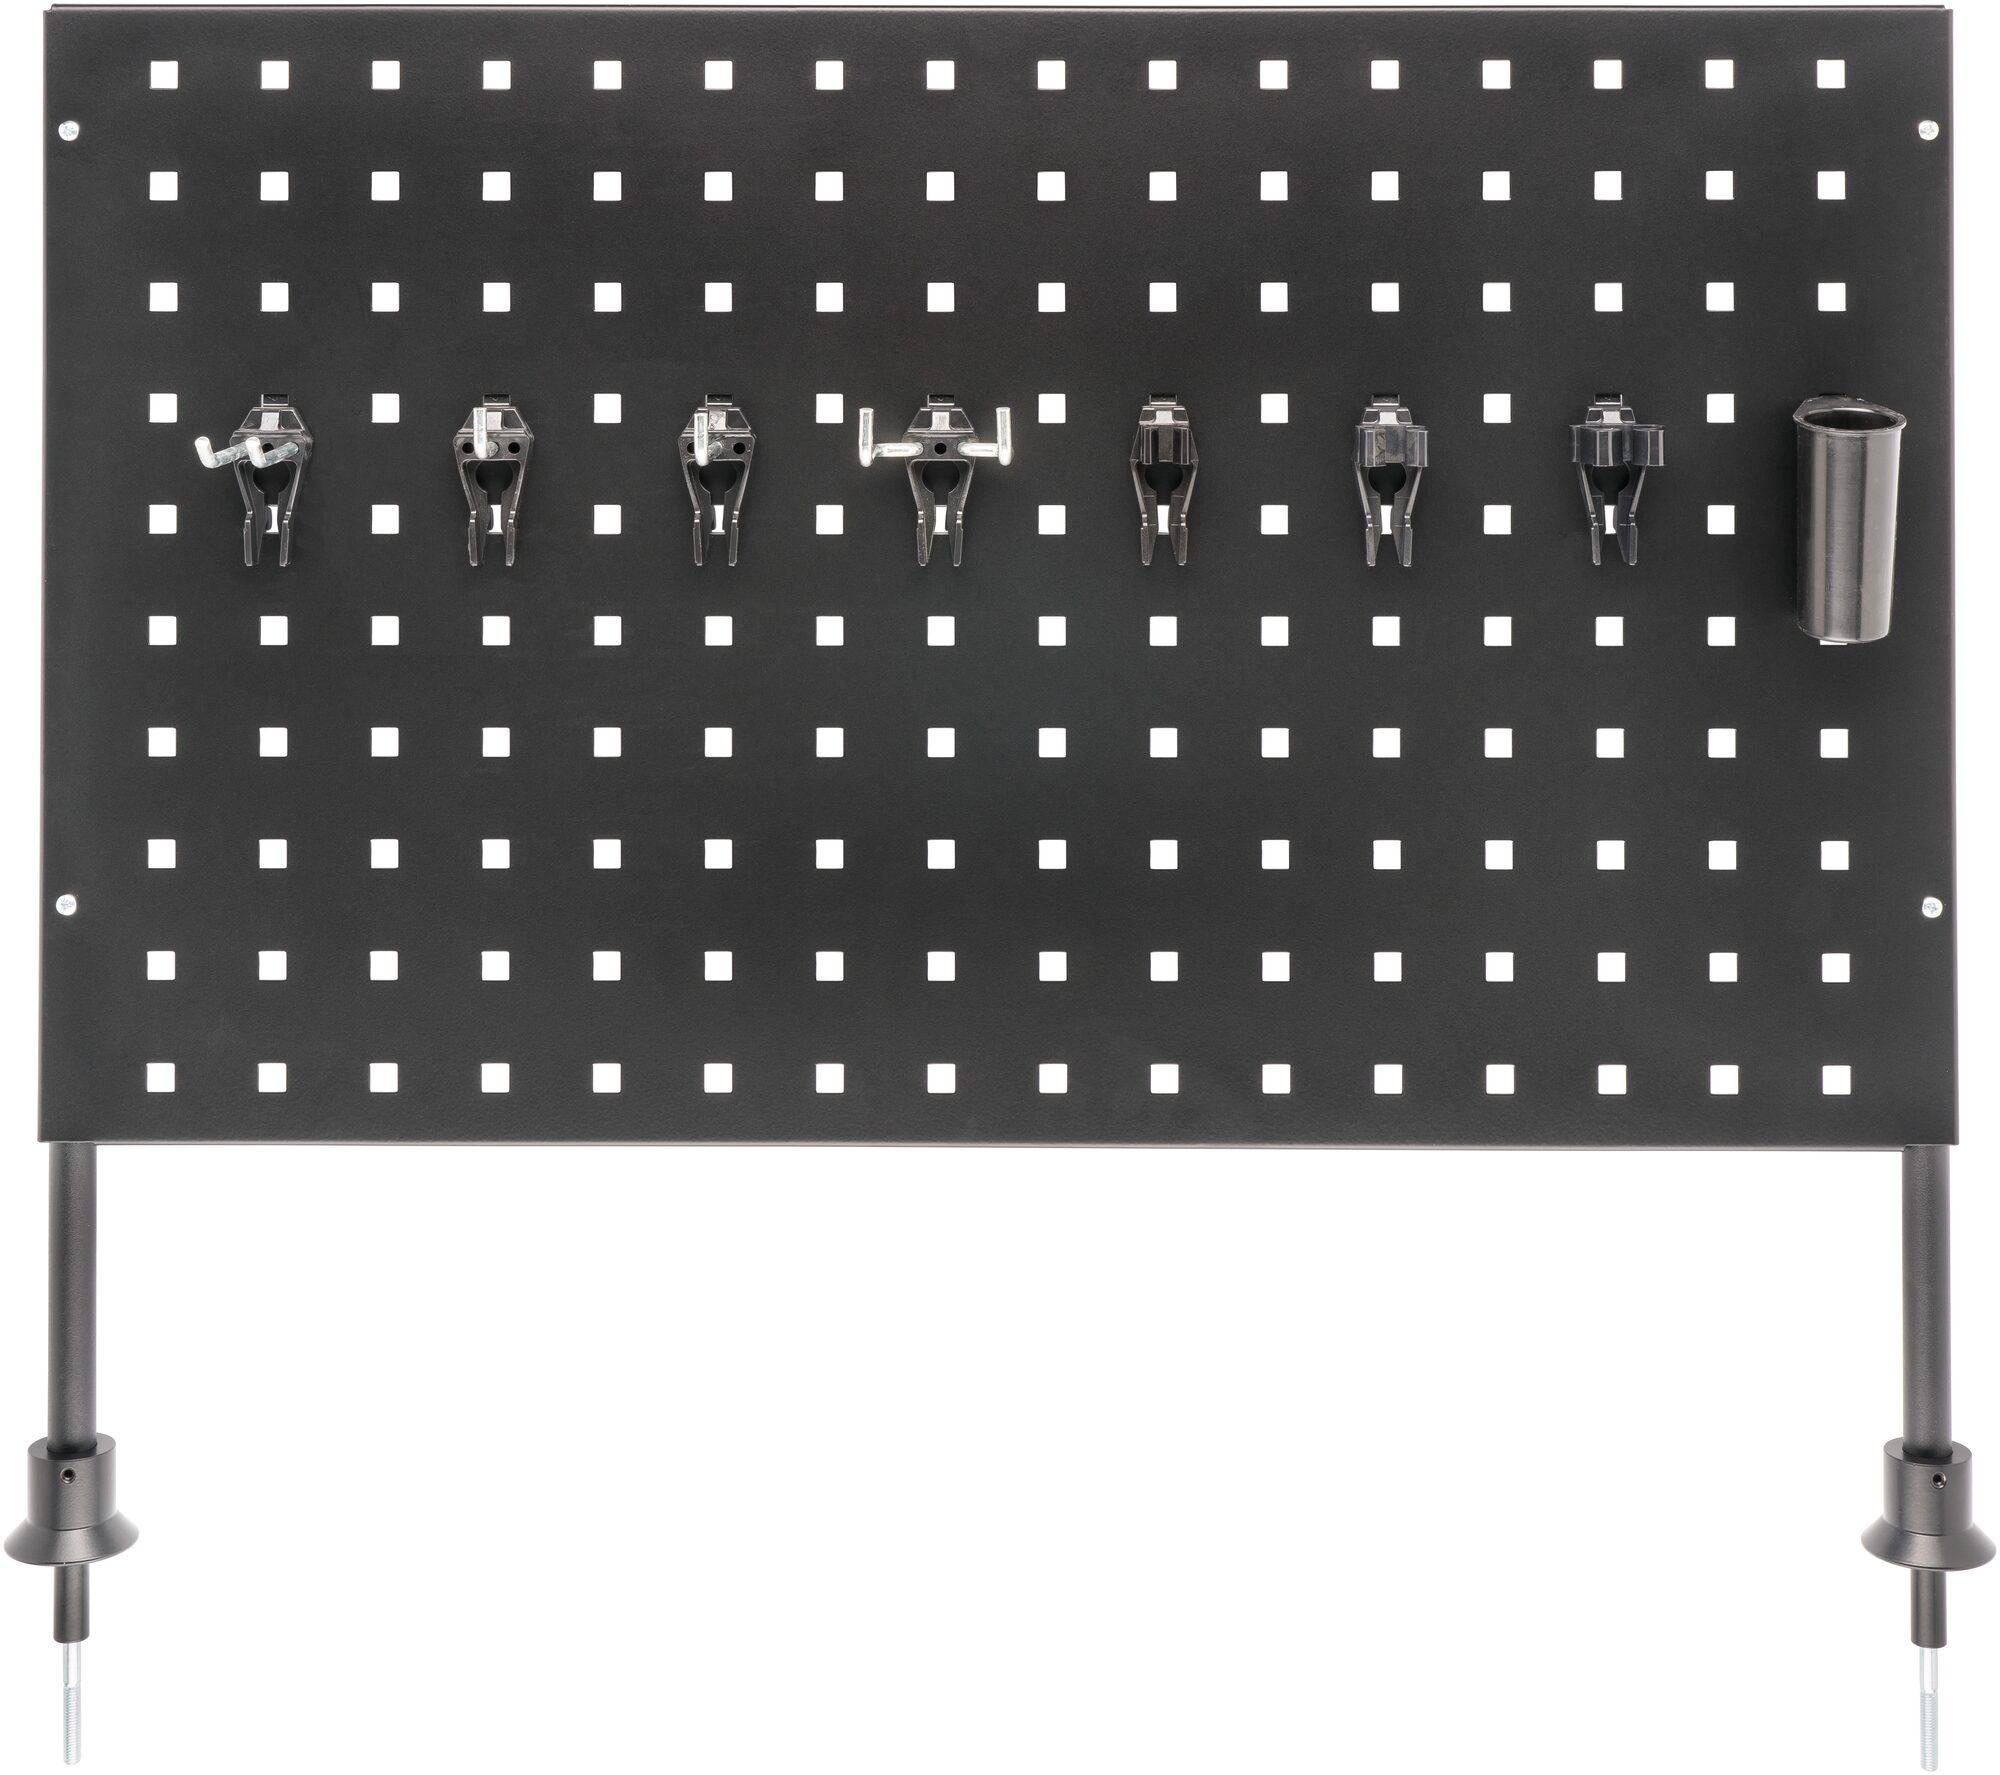 HAZET Vertikale Werkzeug-Lochtafel 179N-26